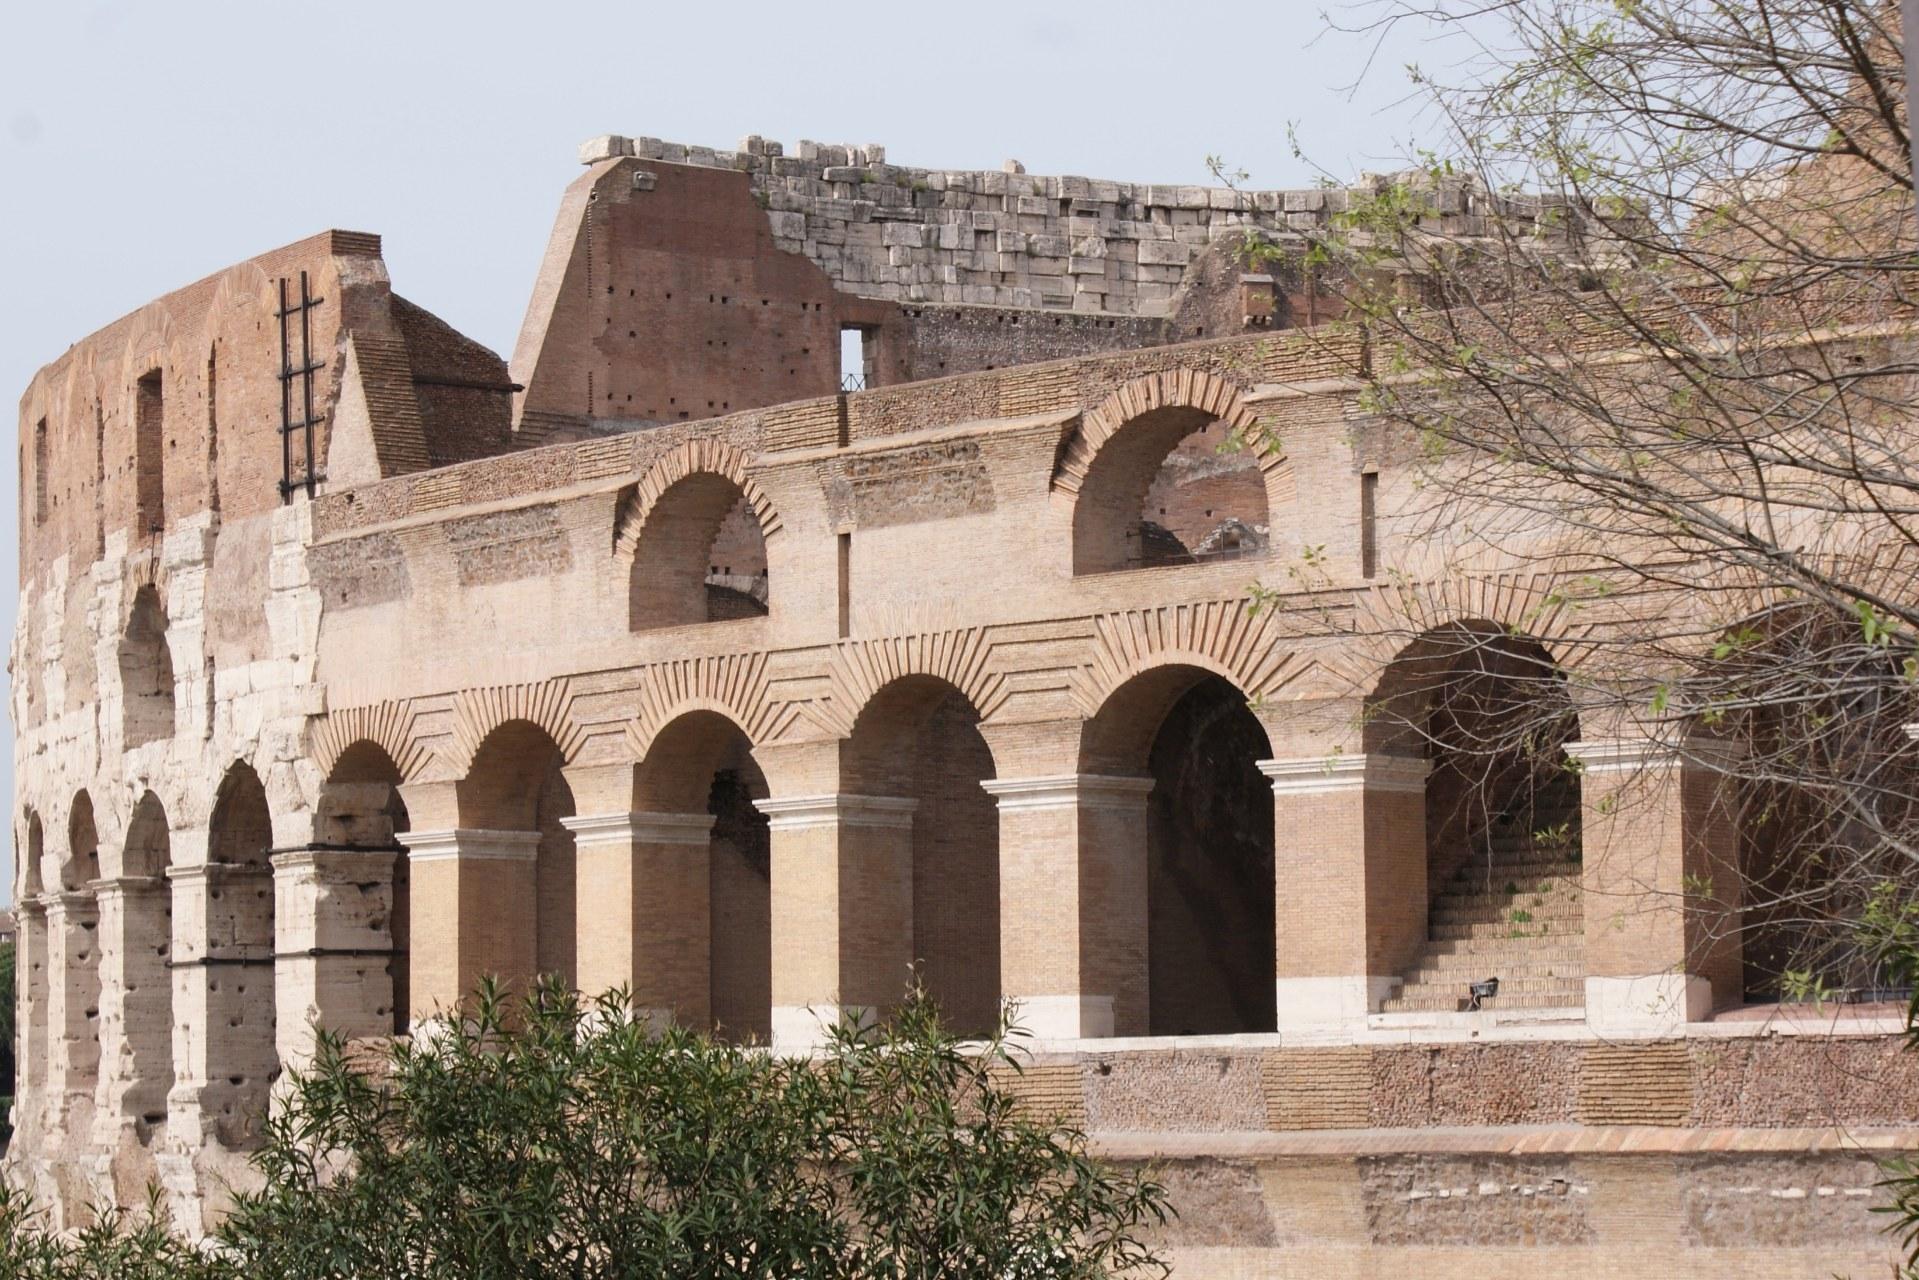 Images - Stald - Rome Printemps 2016 - 04:05 - 35